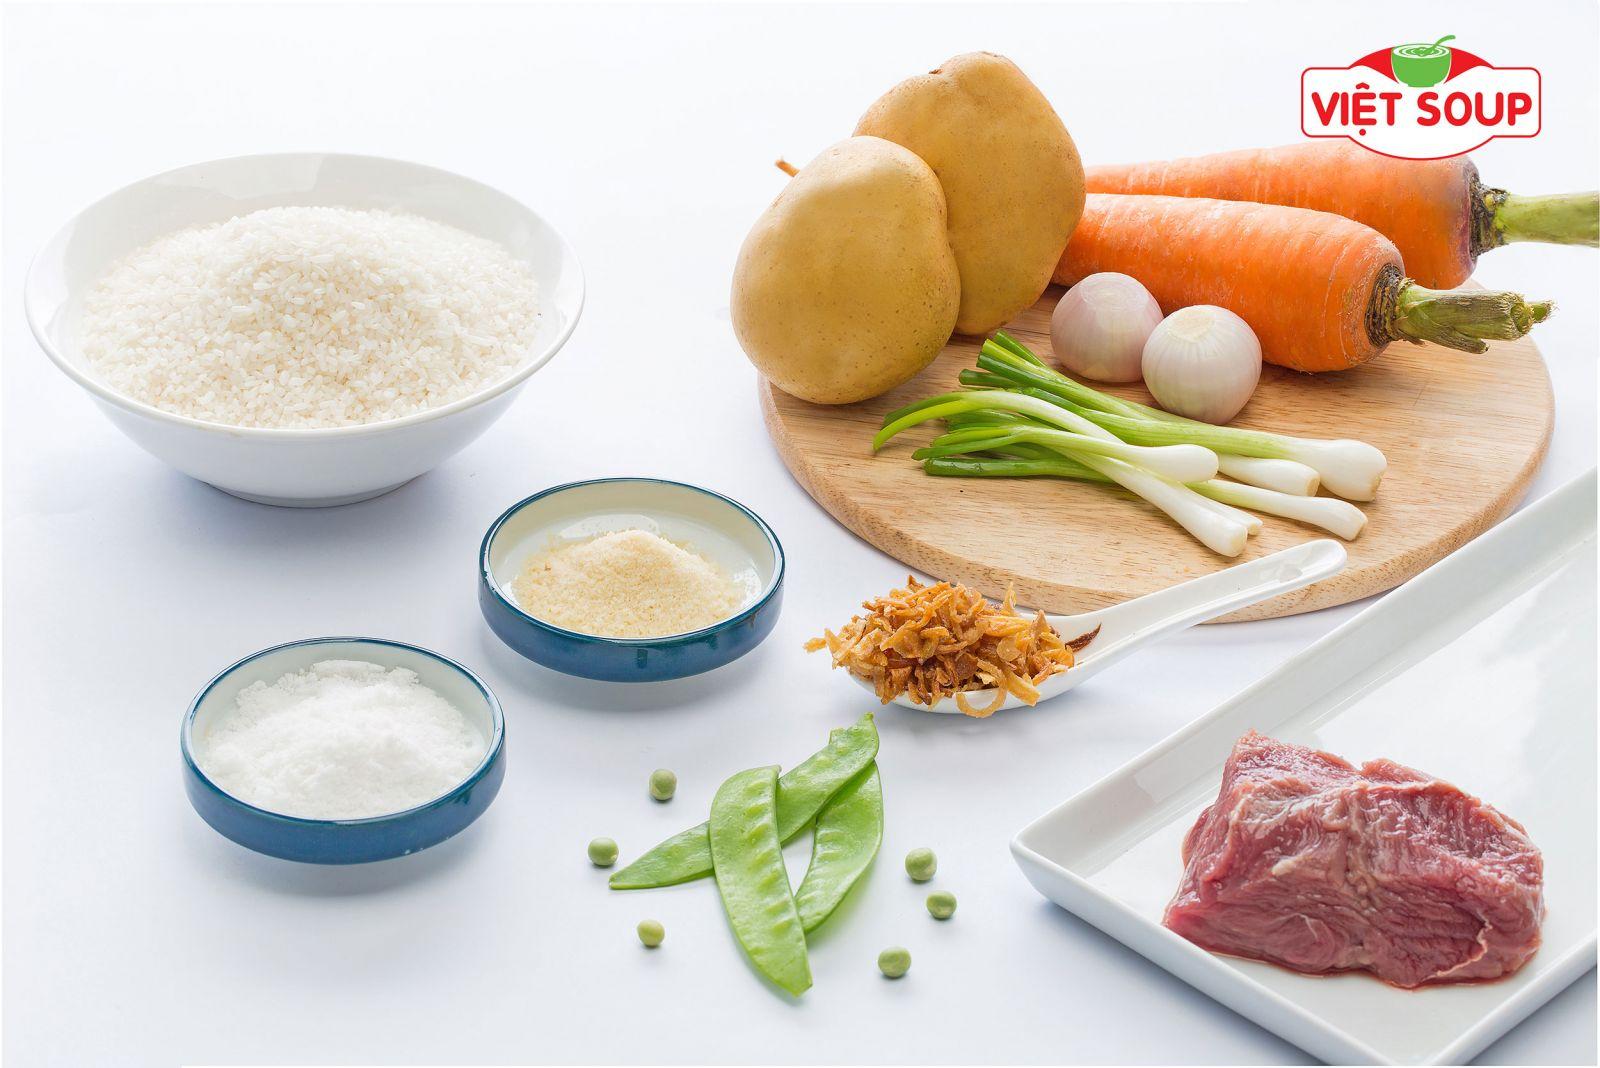 Công dụng và cách nấu món cháo thịt bò bổ dưỡng cho bé